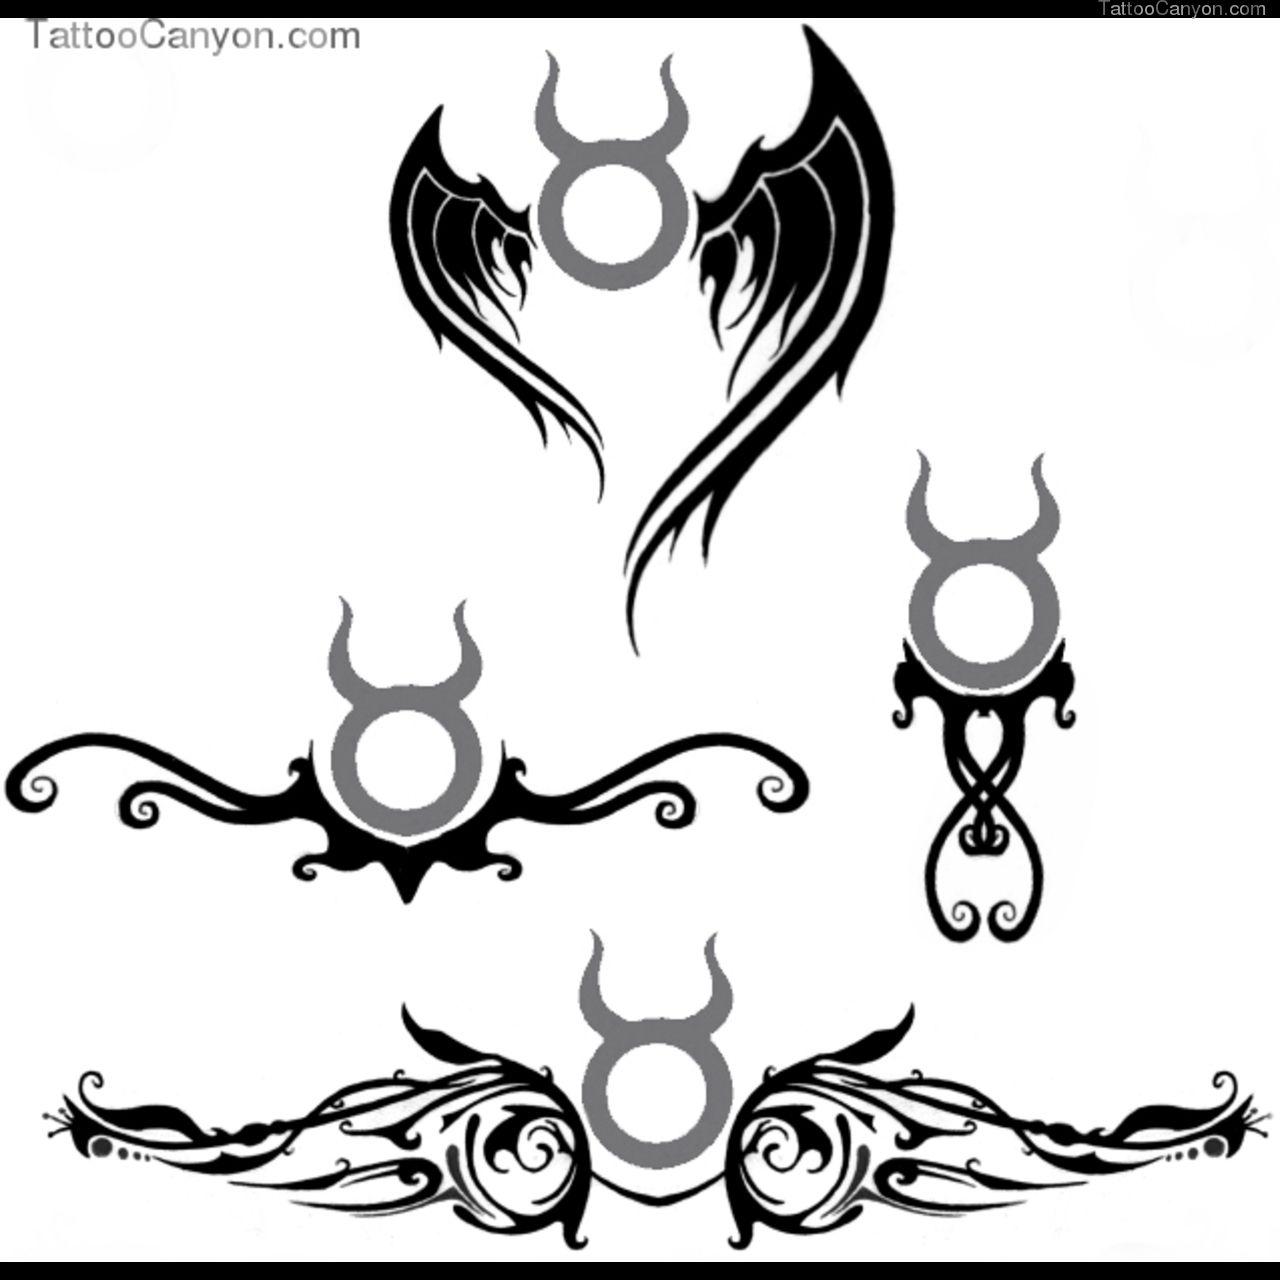 Taurus Aquarius Symbol Tattoo Designs Photo 4 Tatoos Pinterest